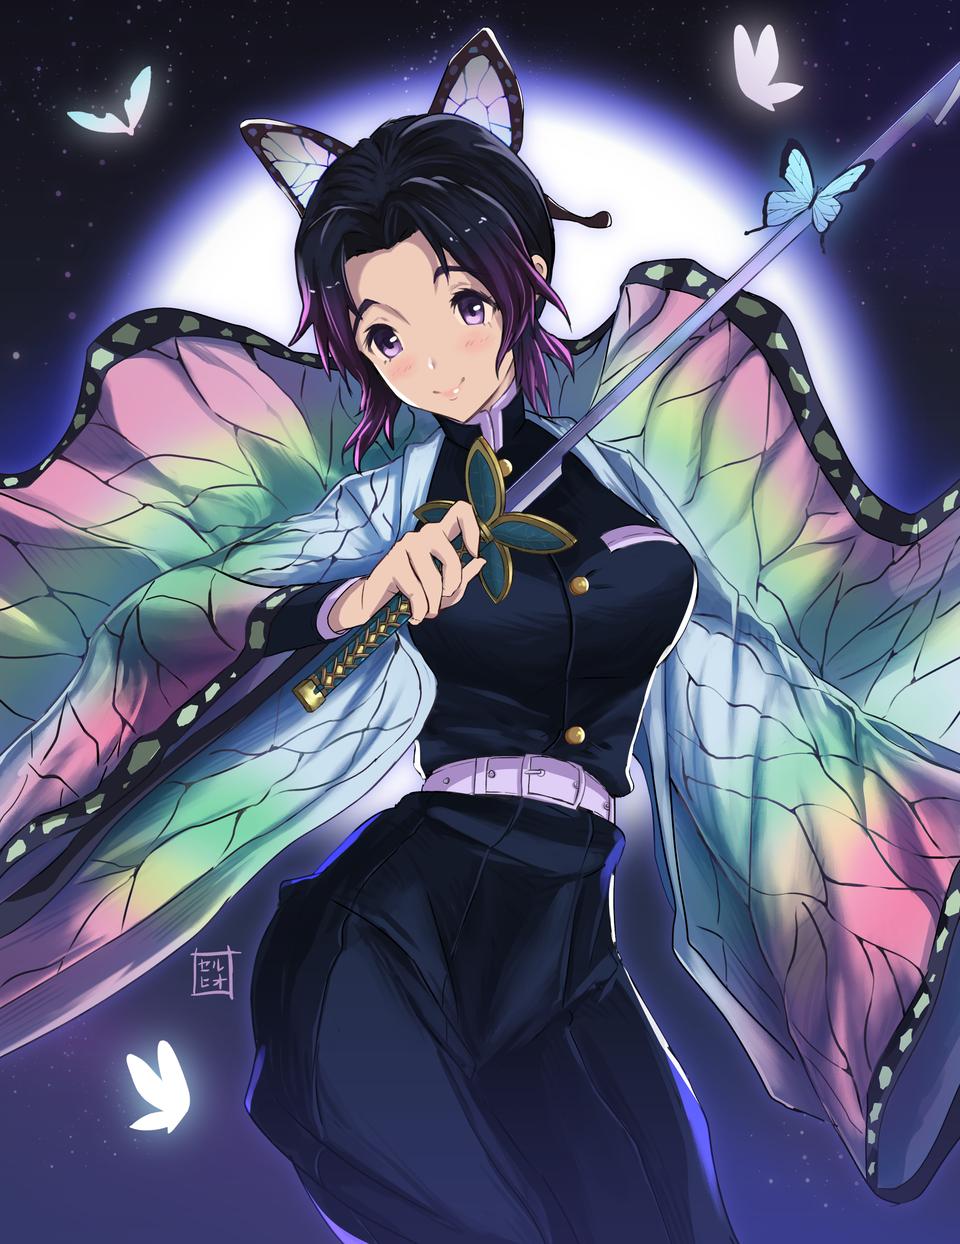 Shinobu Kosho Illust of pincheira.s DemonSlayerFanartContest blue KochouShinobu KimetsunoYaiba